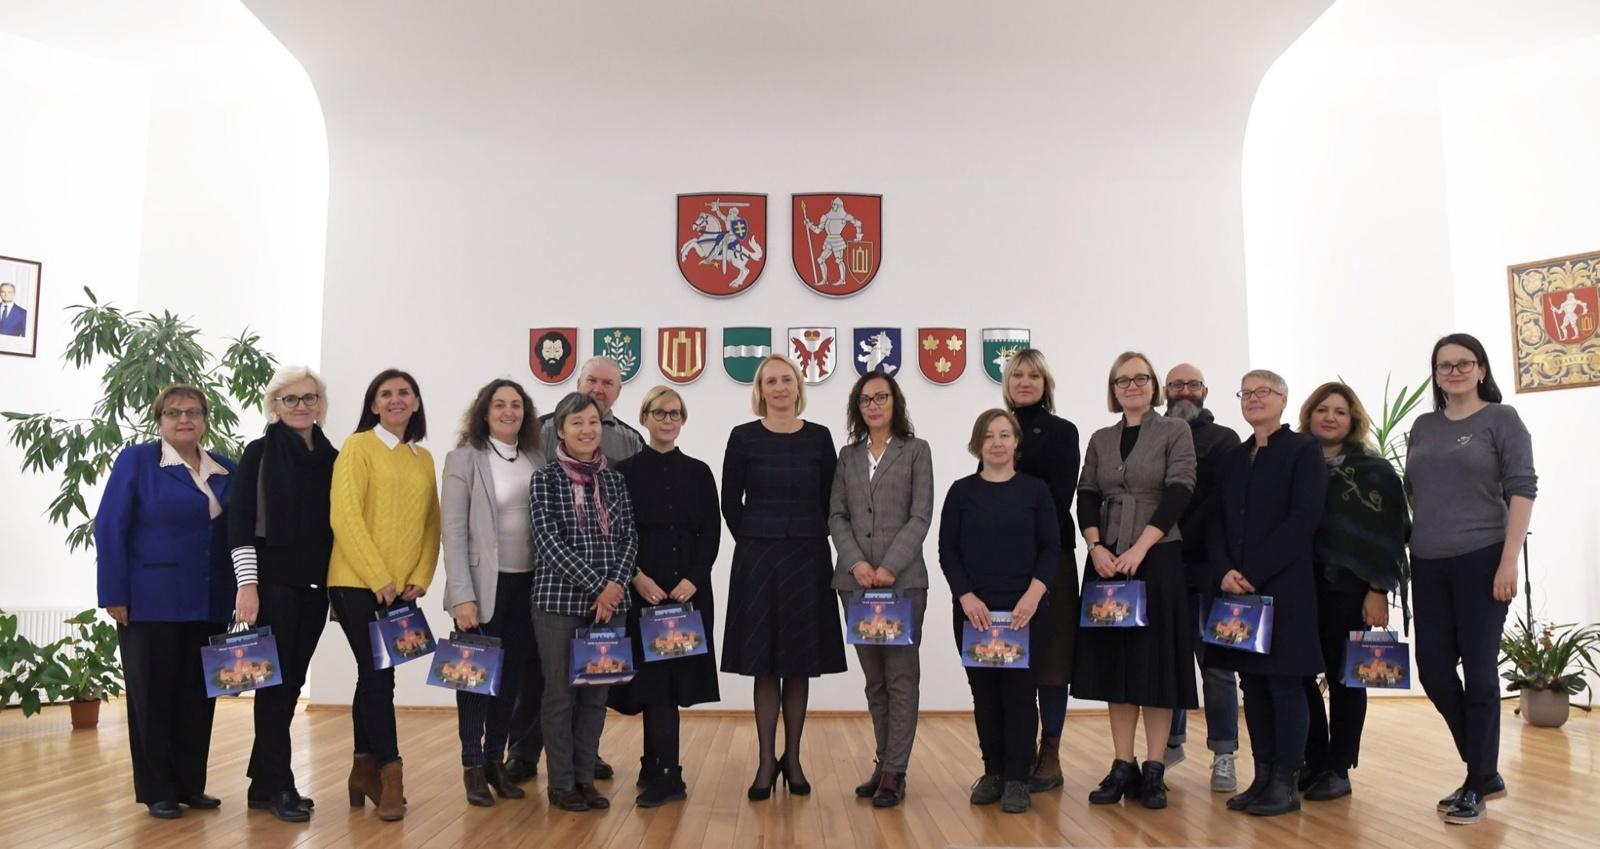 Vilniaus apskrities regioninės kultūros tarybos posėdis Trakuose